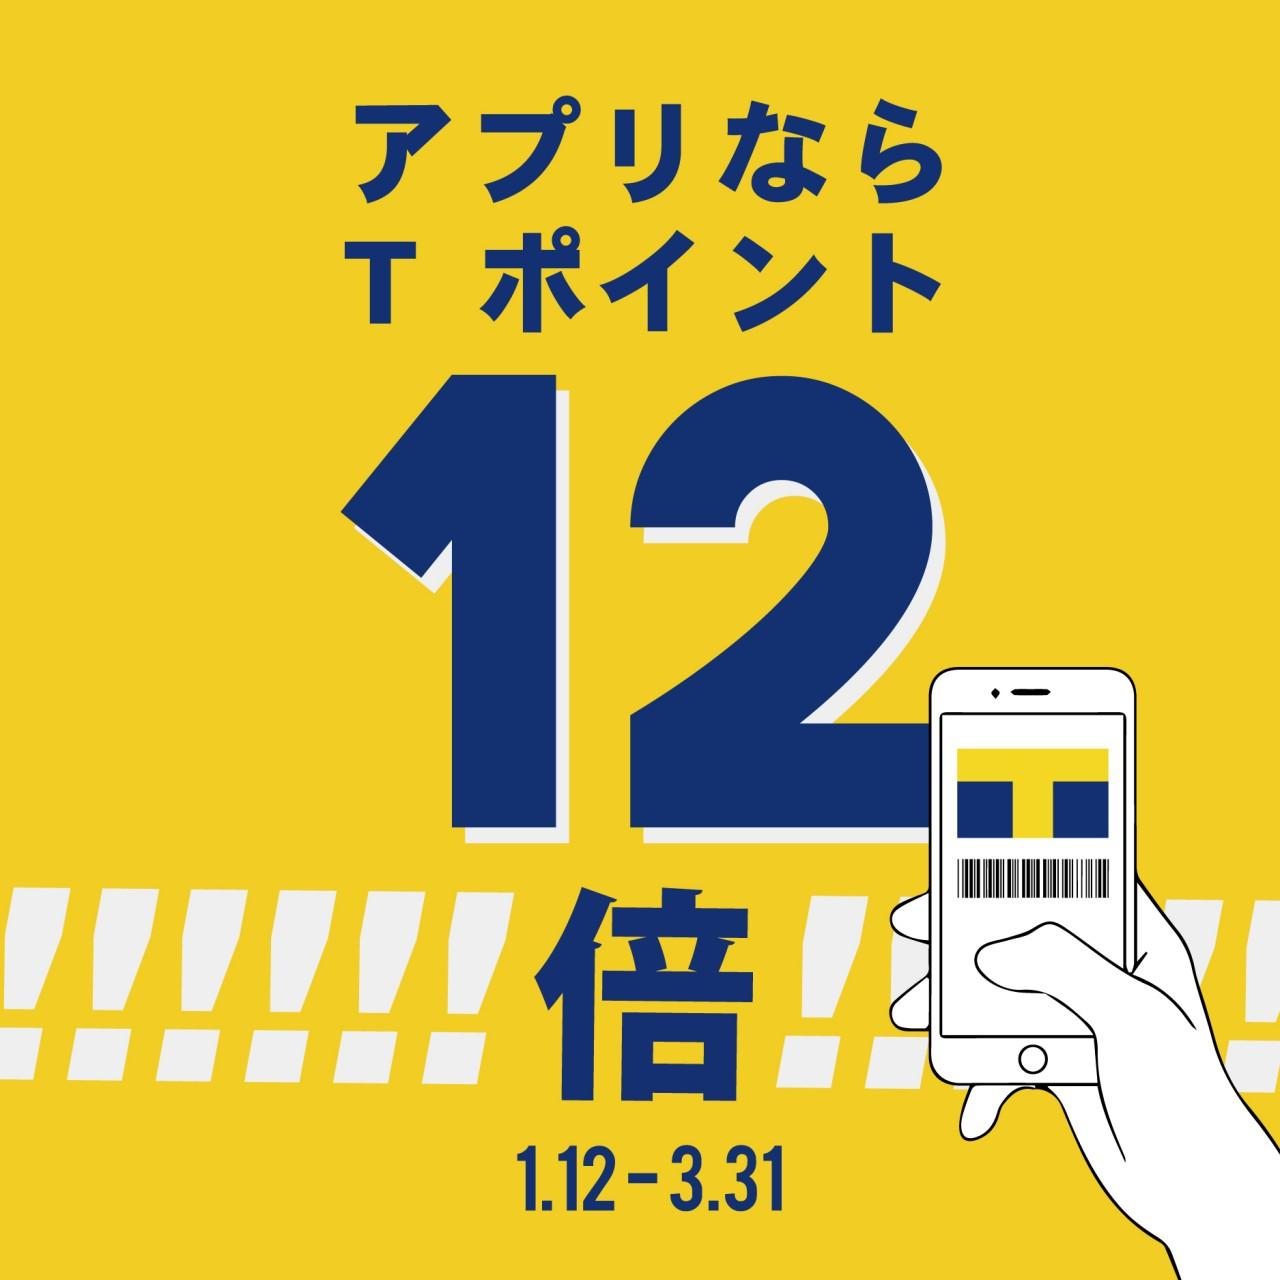 「アプリ利用で、Tポイント2倍キャンペーン」開催!